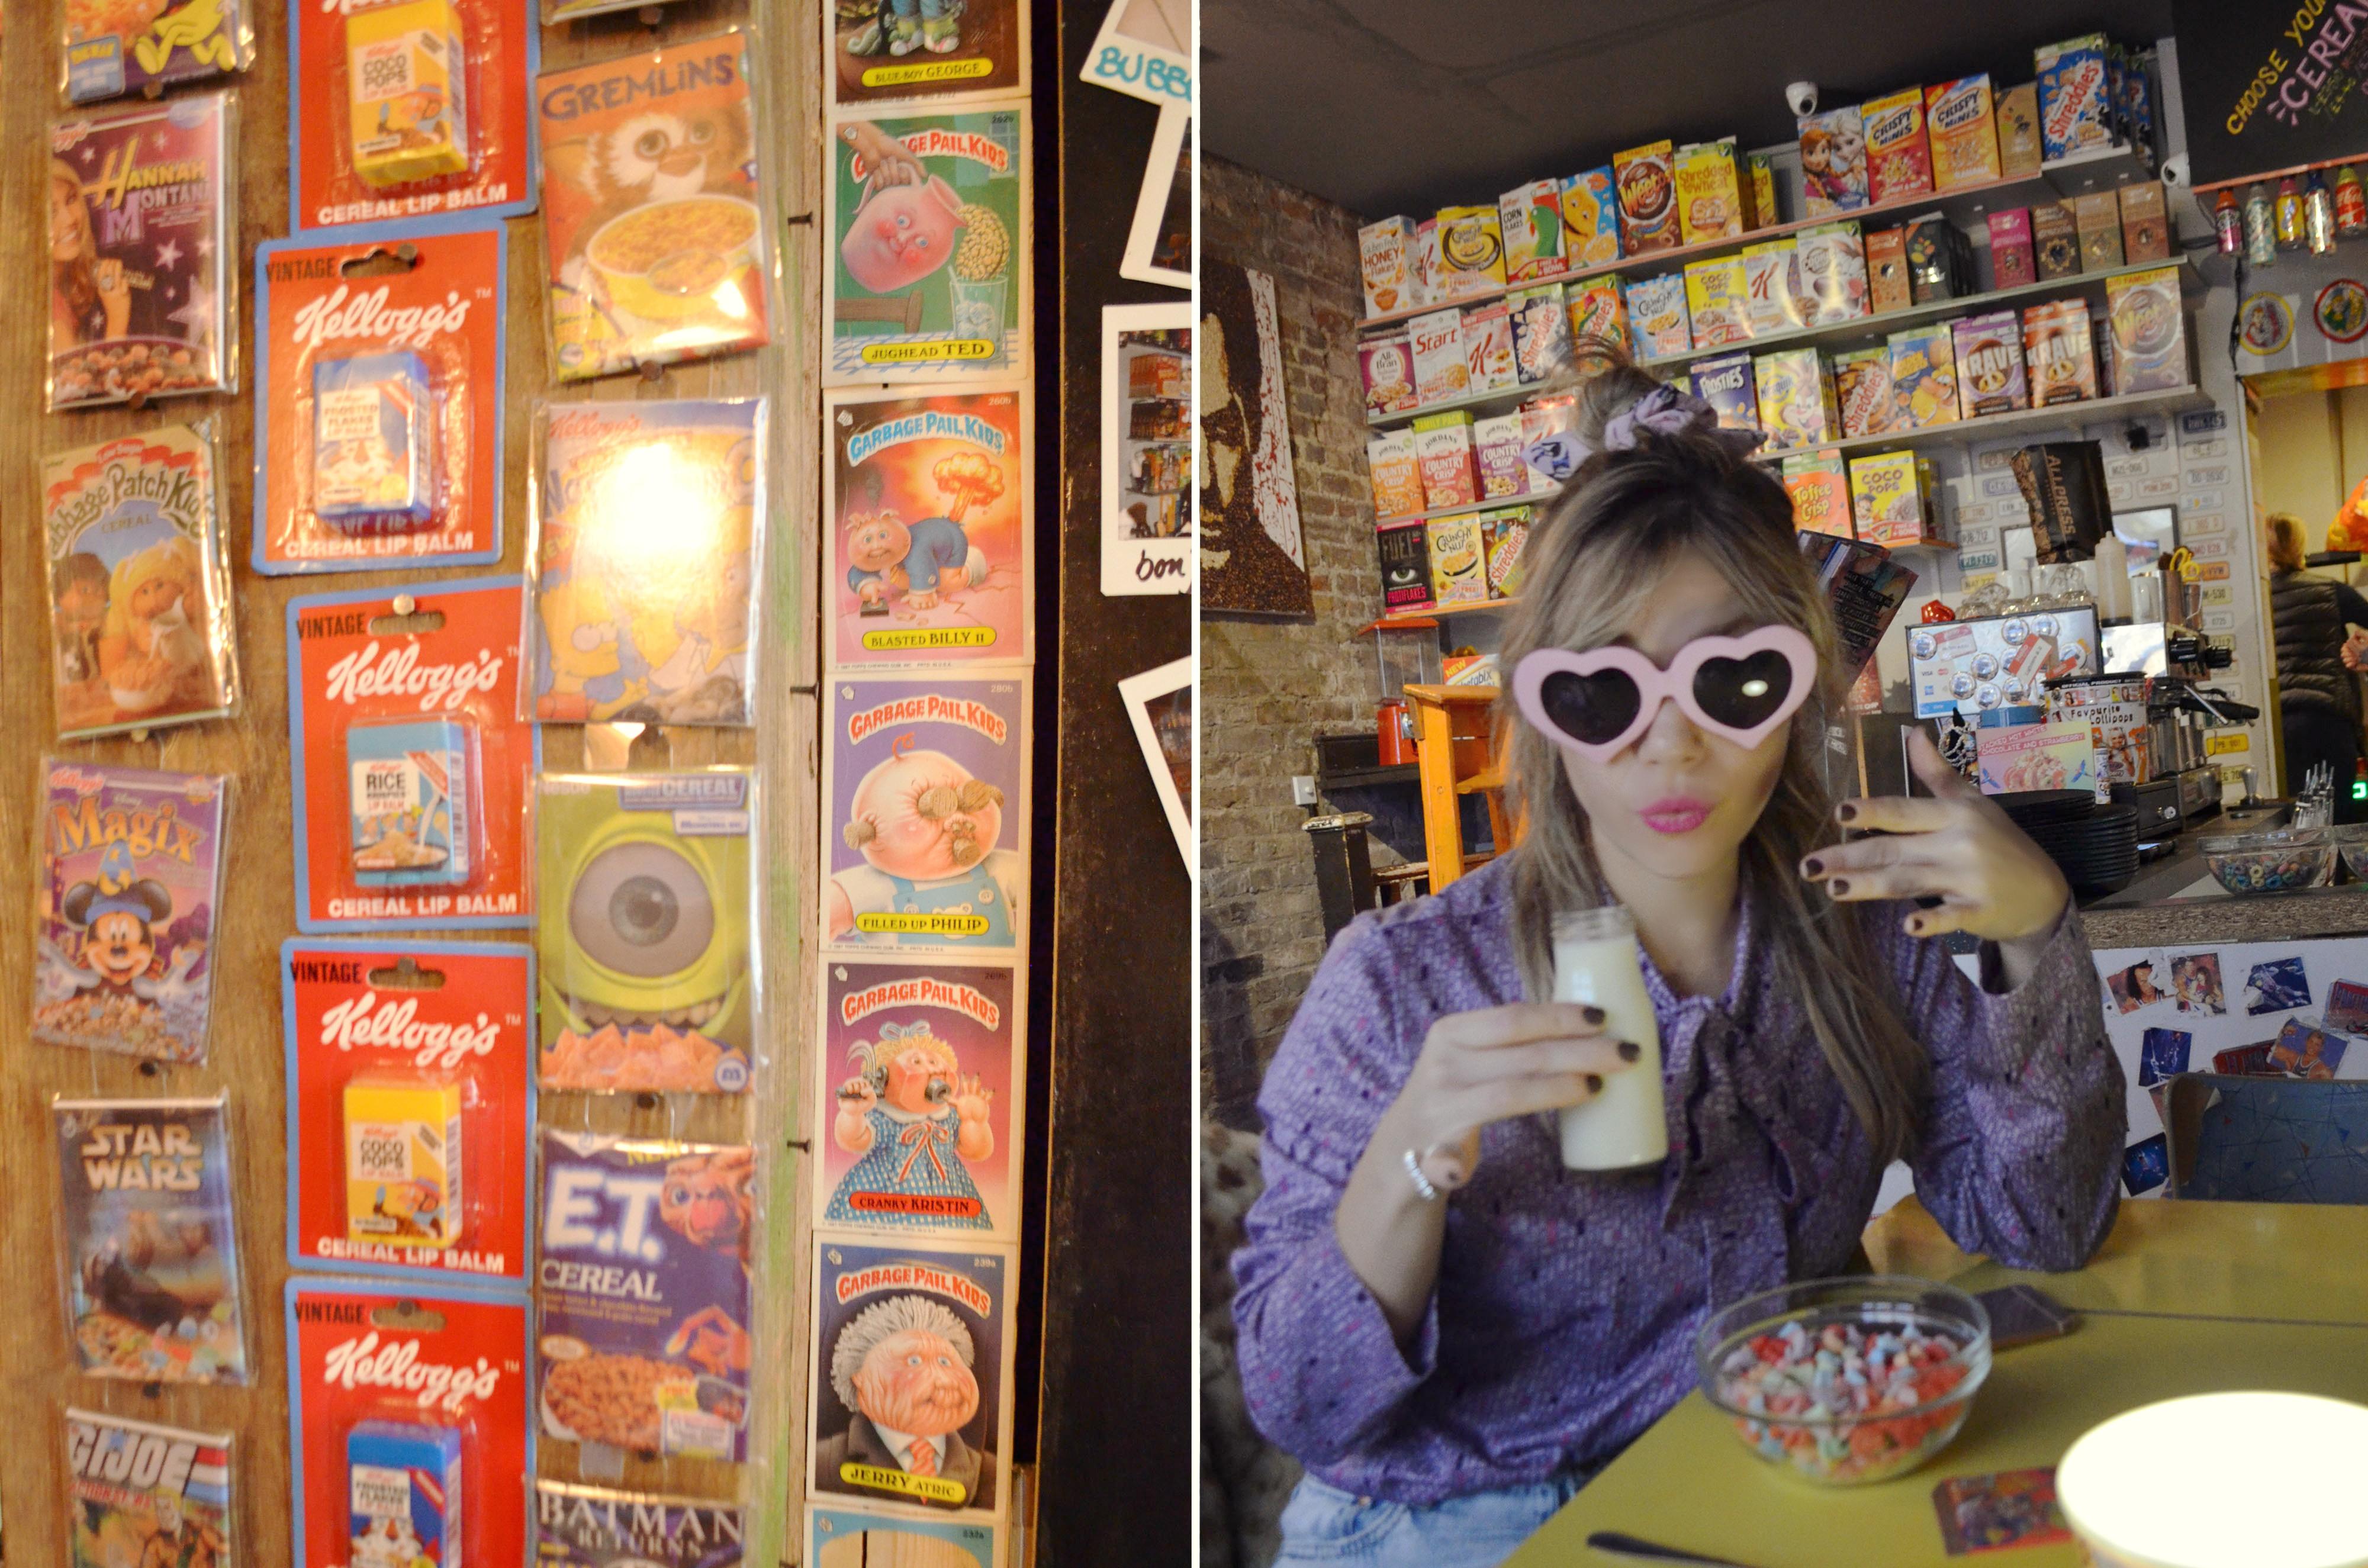 fashionista-look-90s-blog-de-moda-cereal-killer-cafe-london-chicadicta-chic-adicta-gafas-de-corazones-mejores-cafes-londres-piensaenchic-piensa-en-chic